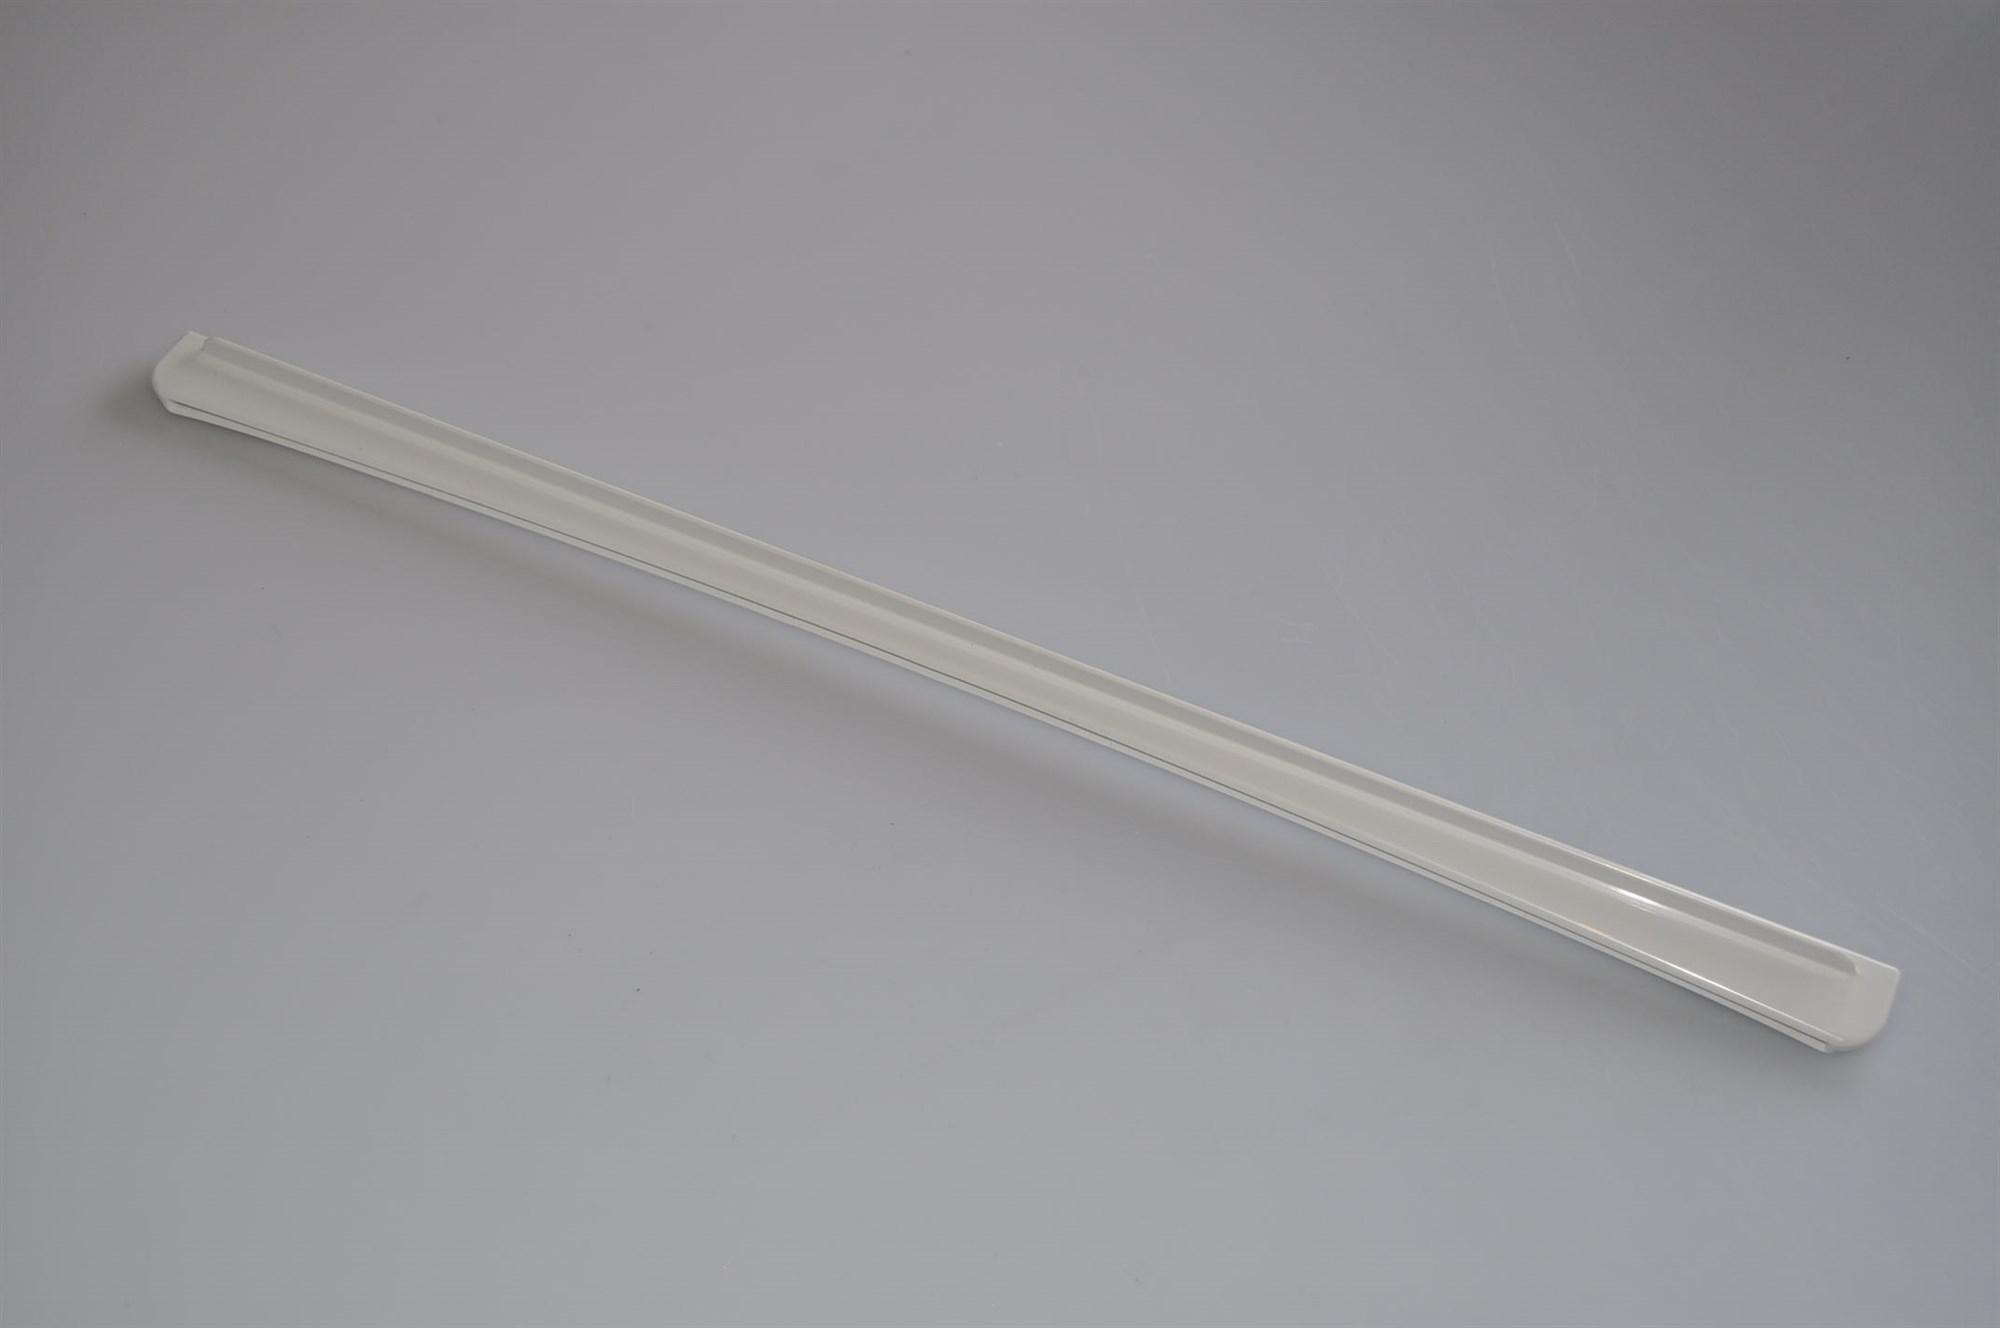 Universal Gorenje Kühlschrank : Glasplattenleiste gorenje kühl & gefrierschrank 522 mm hinten